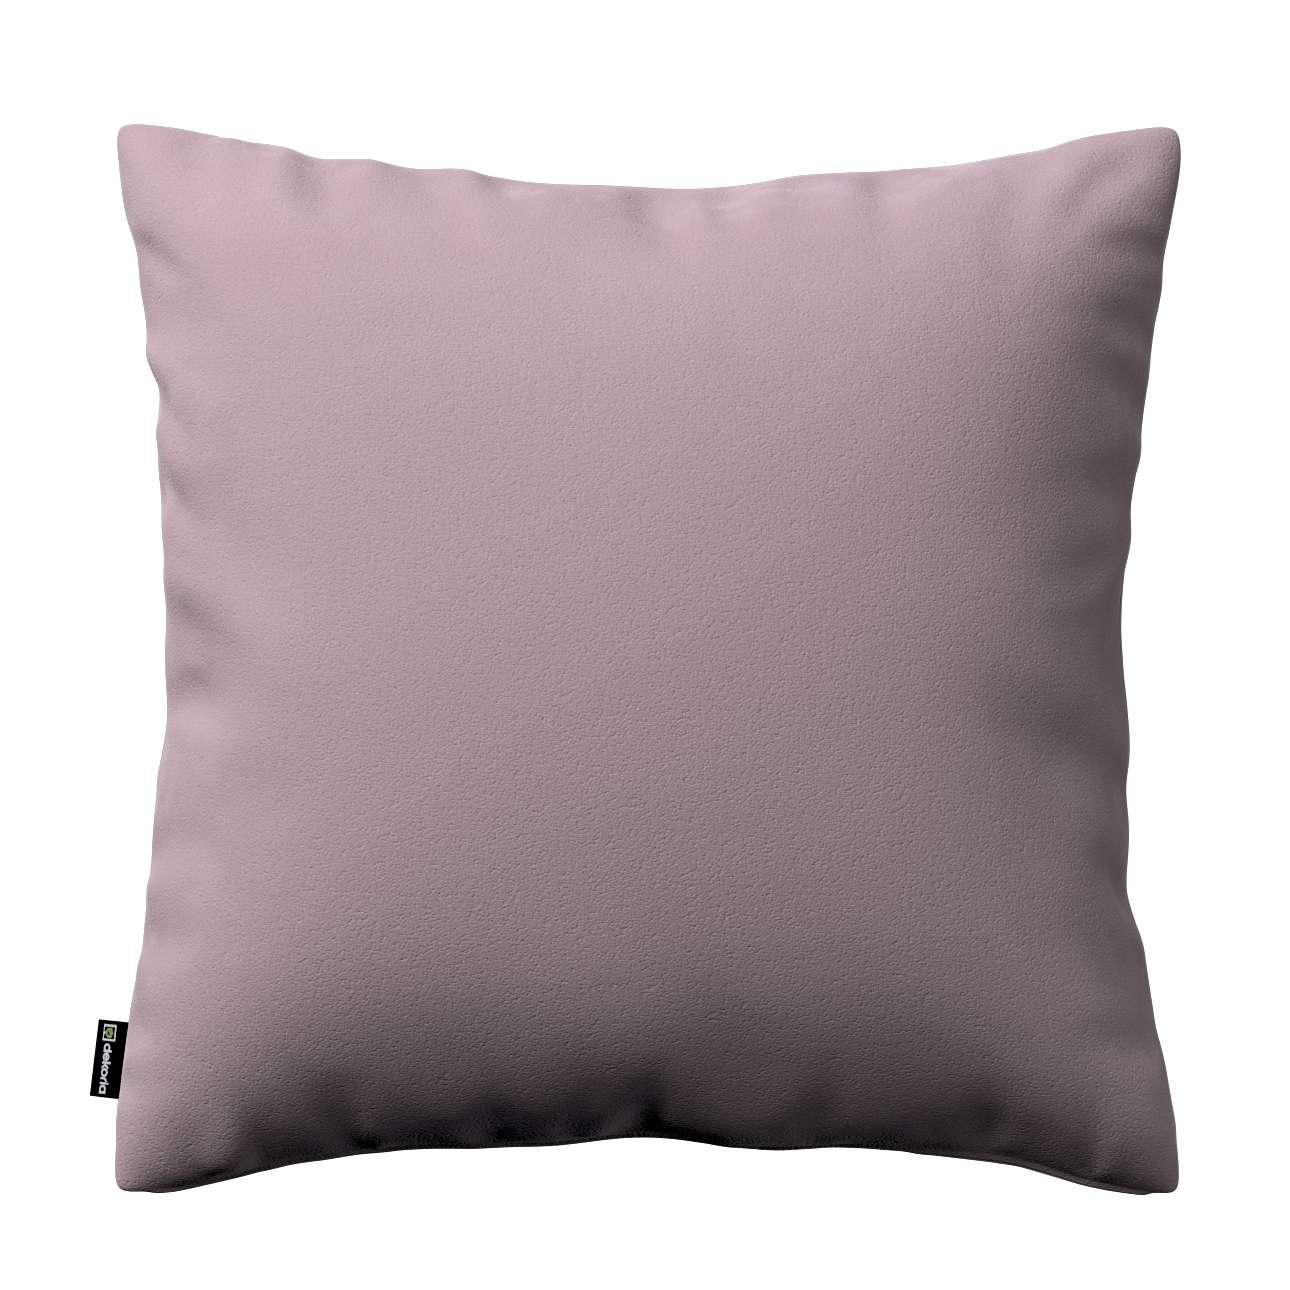 Kinga dekoratyvinės pagalvėlės užvalkalas kolekcijoje Velvet/Aksomas, audinys: 704-14